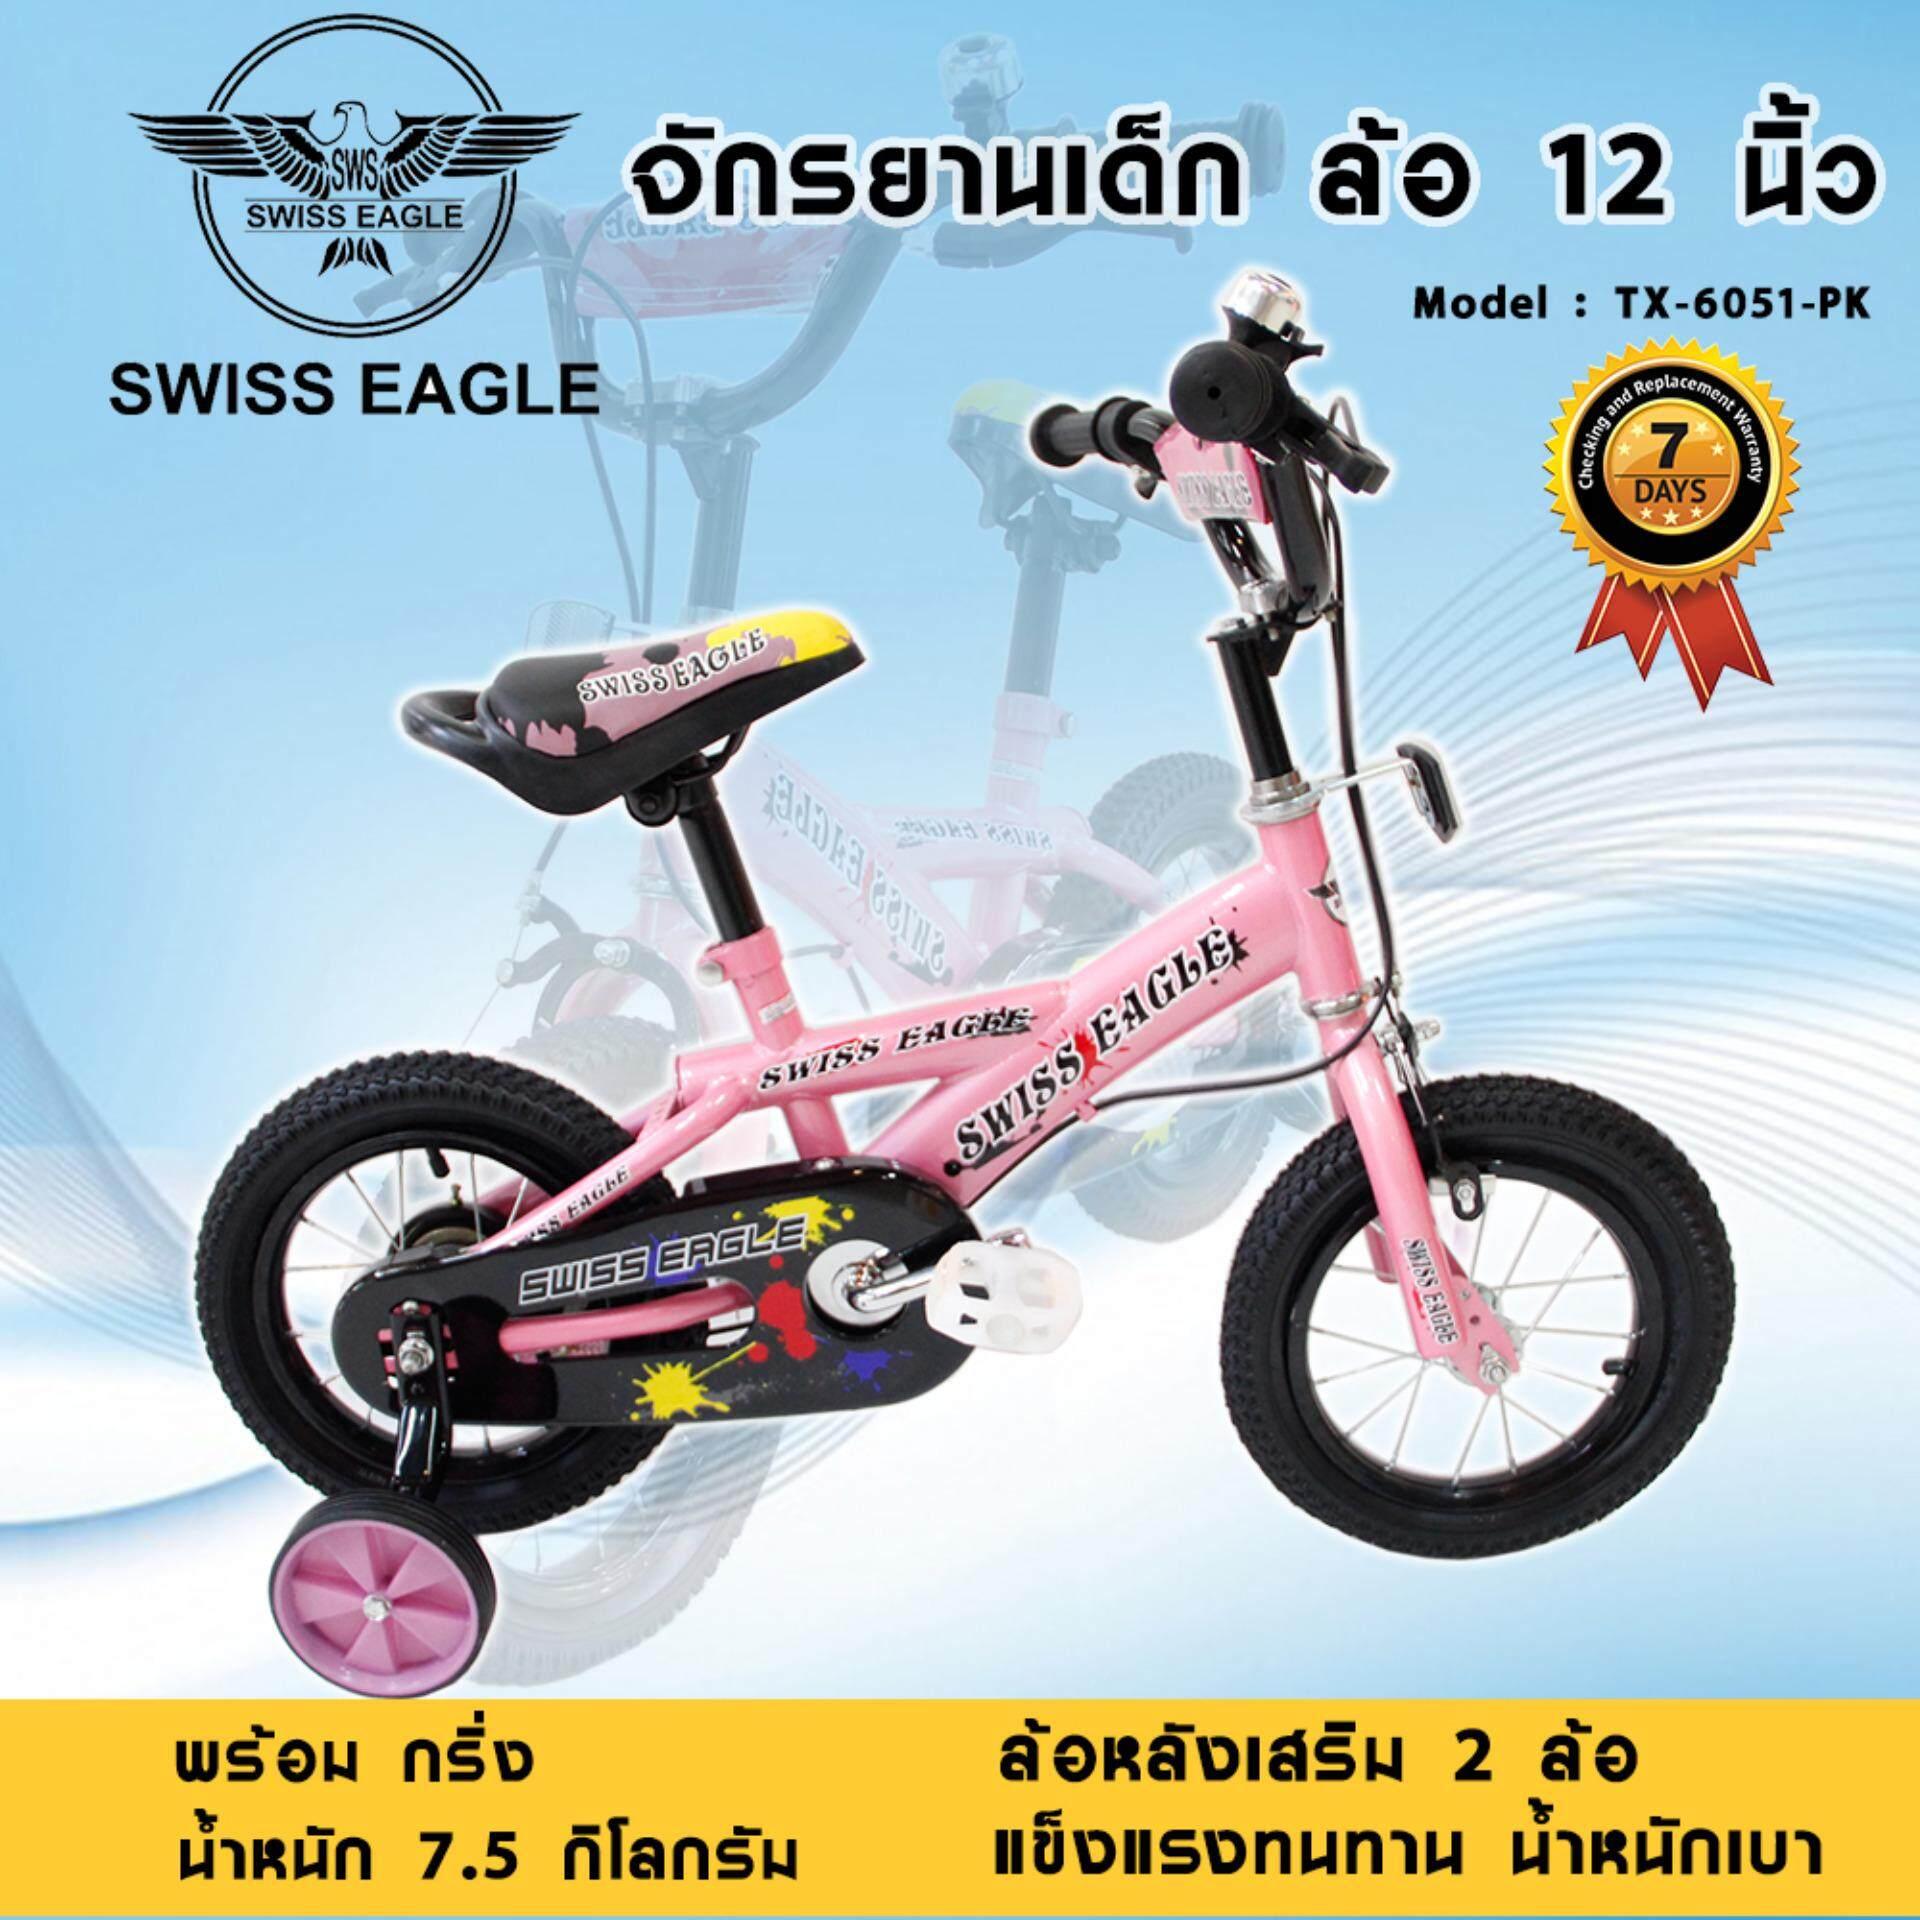 ขาย Swiss Eagle จักรยานเด็ก ล้อ 12 นิ้ว รุ่น Yx Bmx 6051 สีชมพู พร้อม ล้อเสริม2ล้อหลัง Swiss Eagle เป็นต้นฉบับ